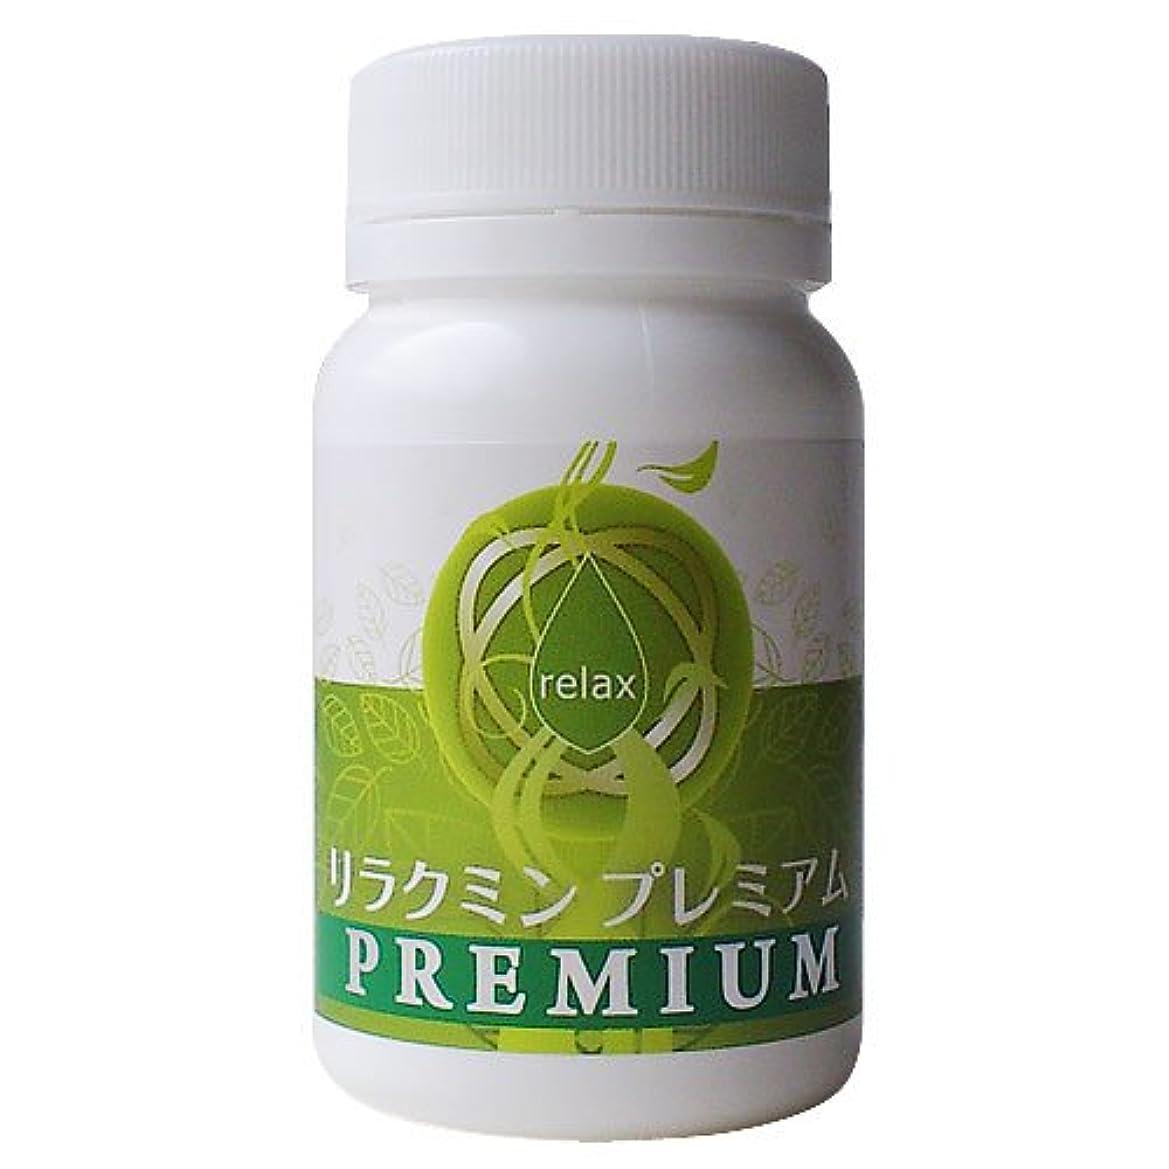 ペアカテナ段落セロトニン サプリ (日本製) ギャバ DHA EPA ラフマ葉 イチョウ葉 エゾウコギ [リラクミンプレミアム 1本] 150粒入 (約1か月分) リラクミン サプリメント